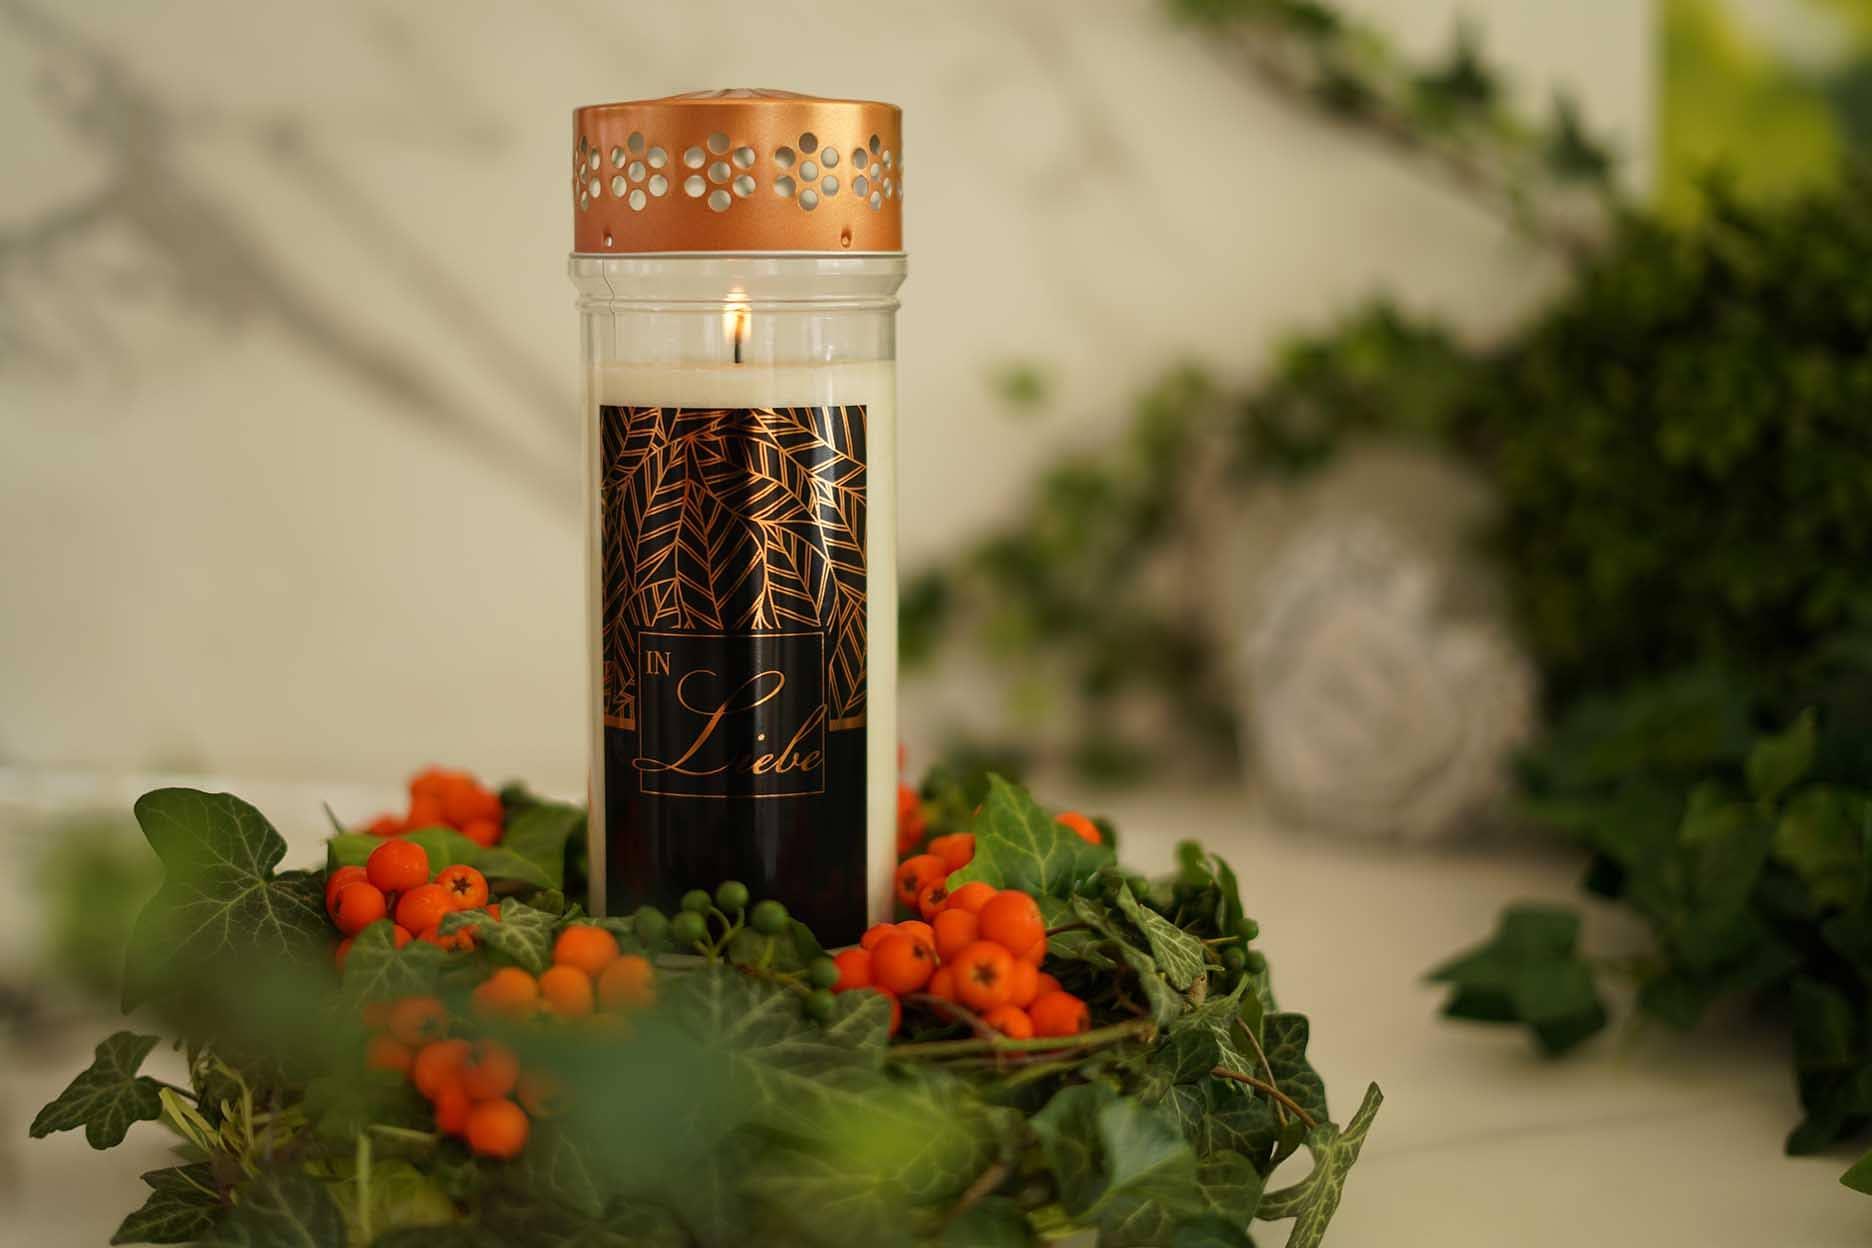 Allerheiligen Gesteck aus Efeu und Beeren auf einem hellen Grabstein